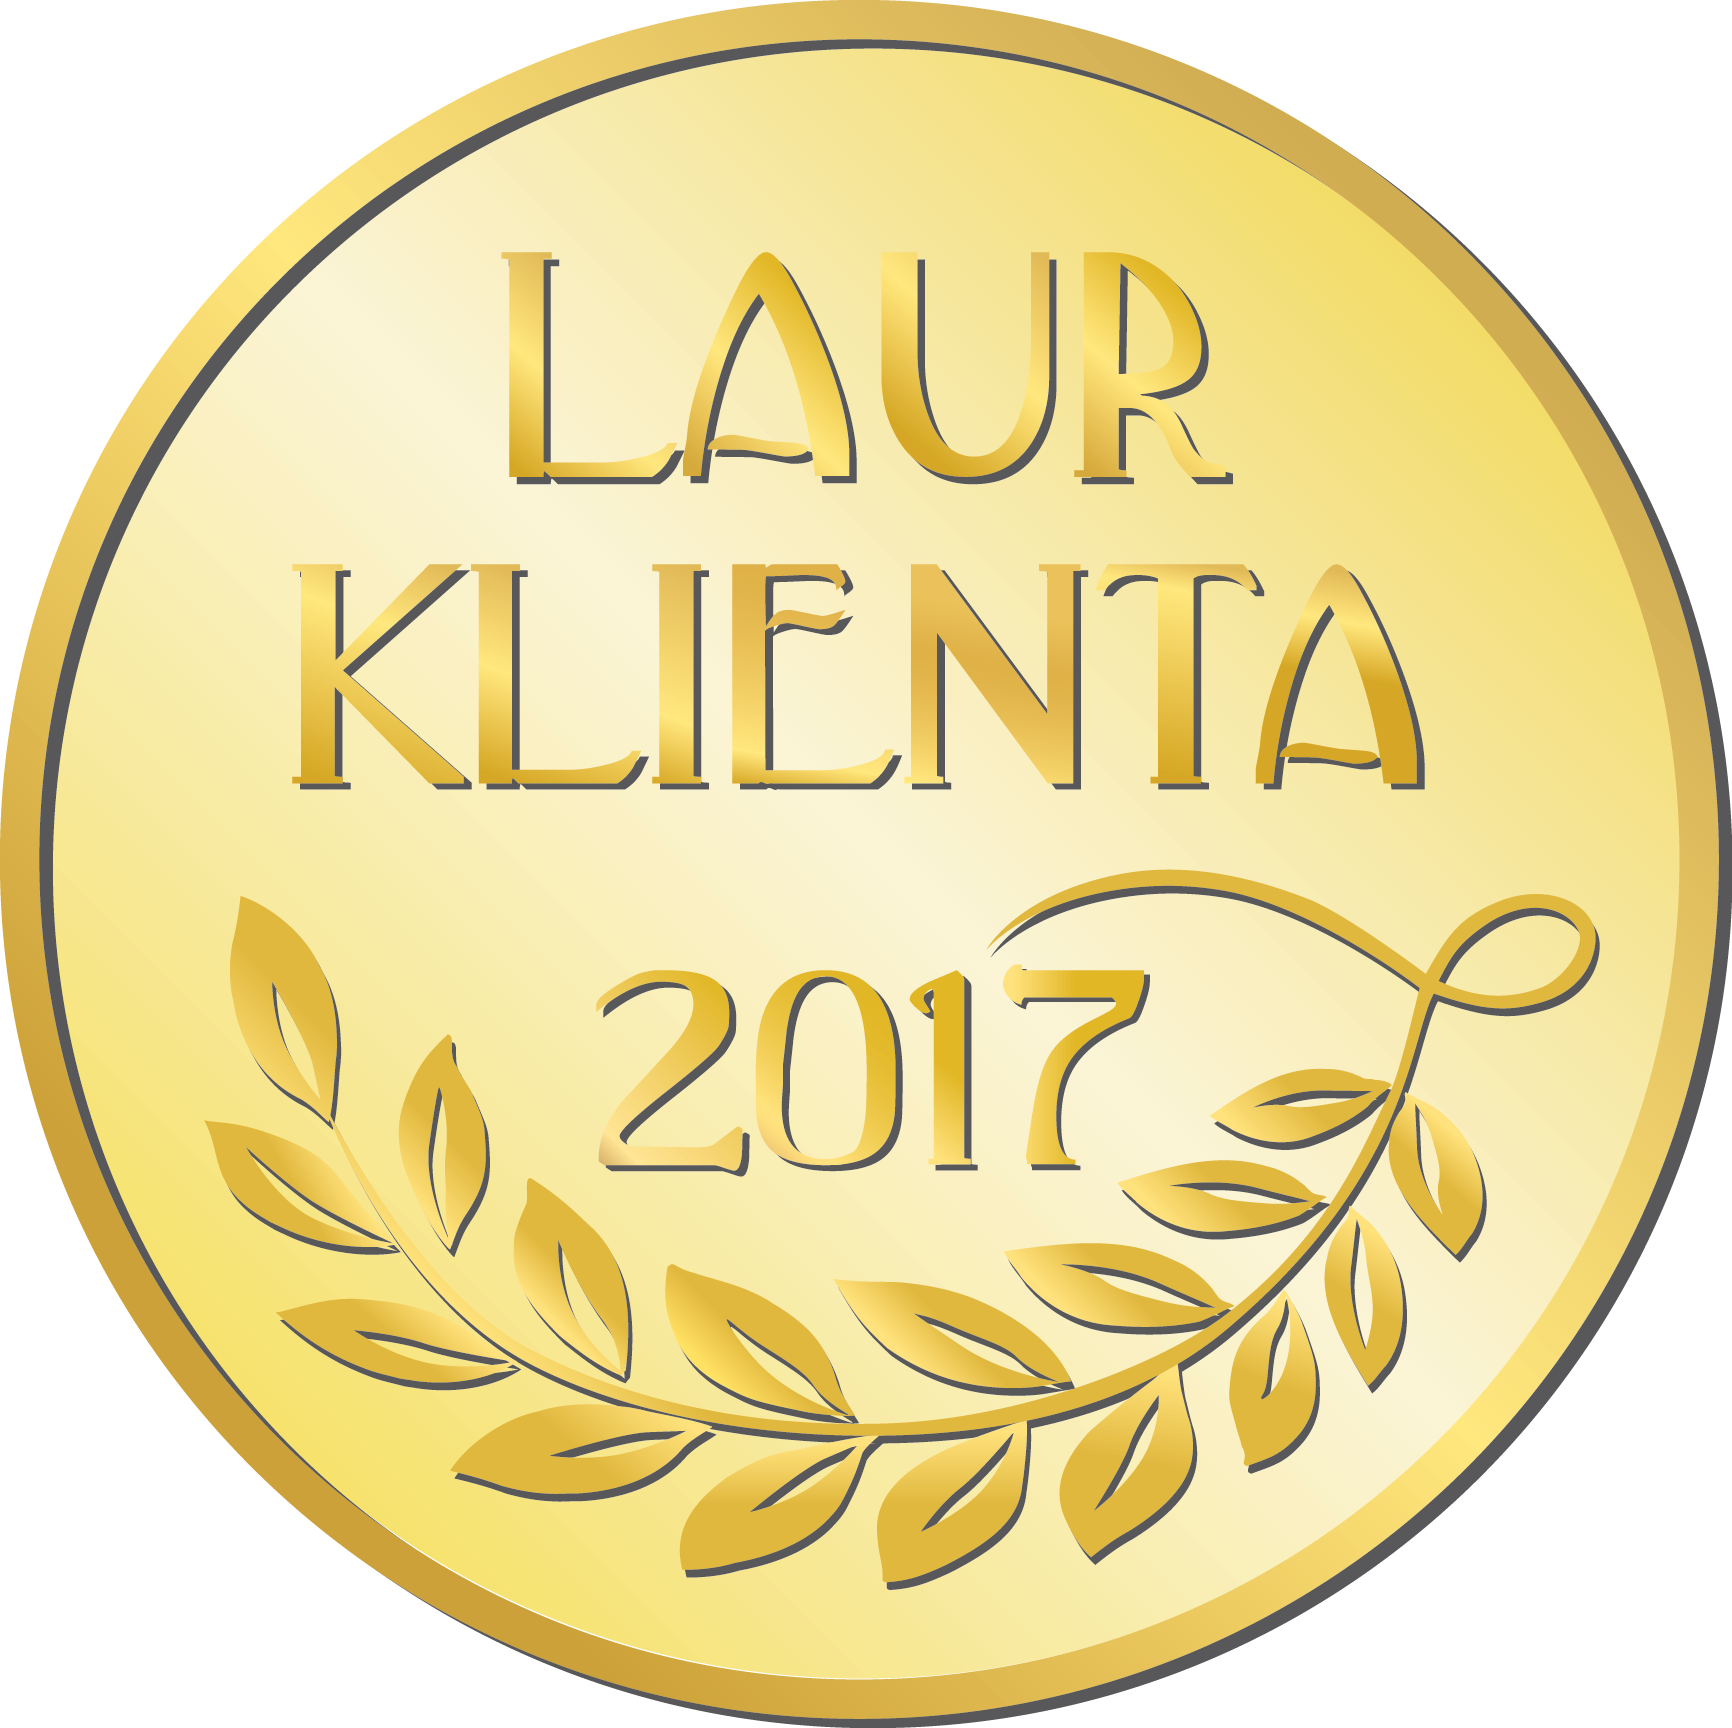 Laur Klienta zloty 2017